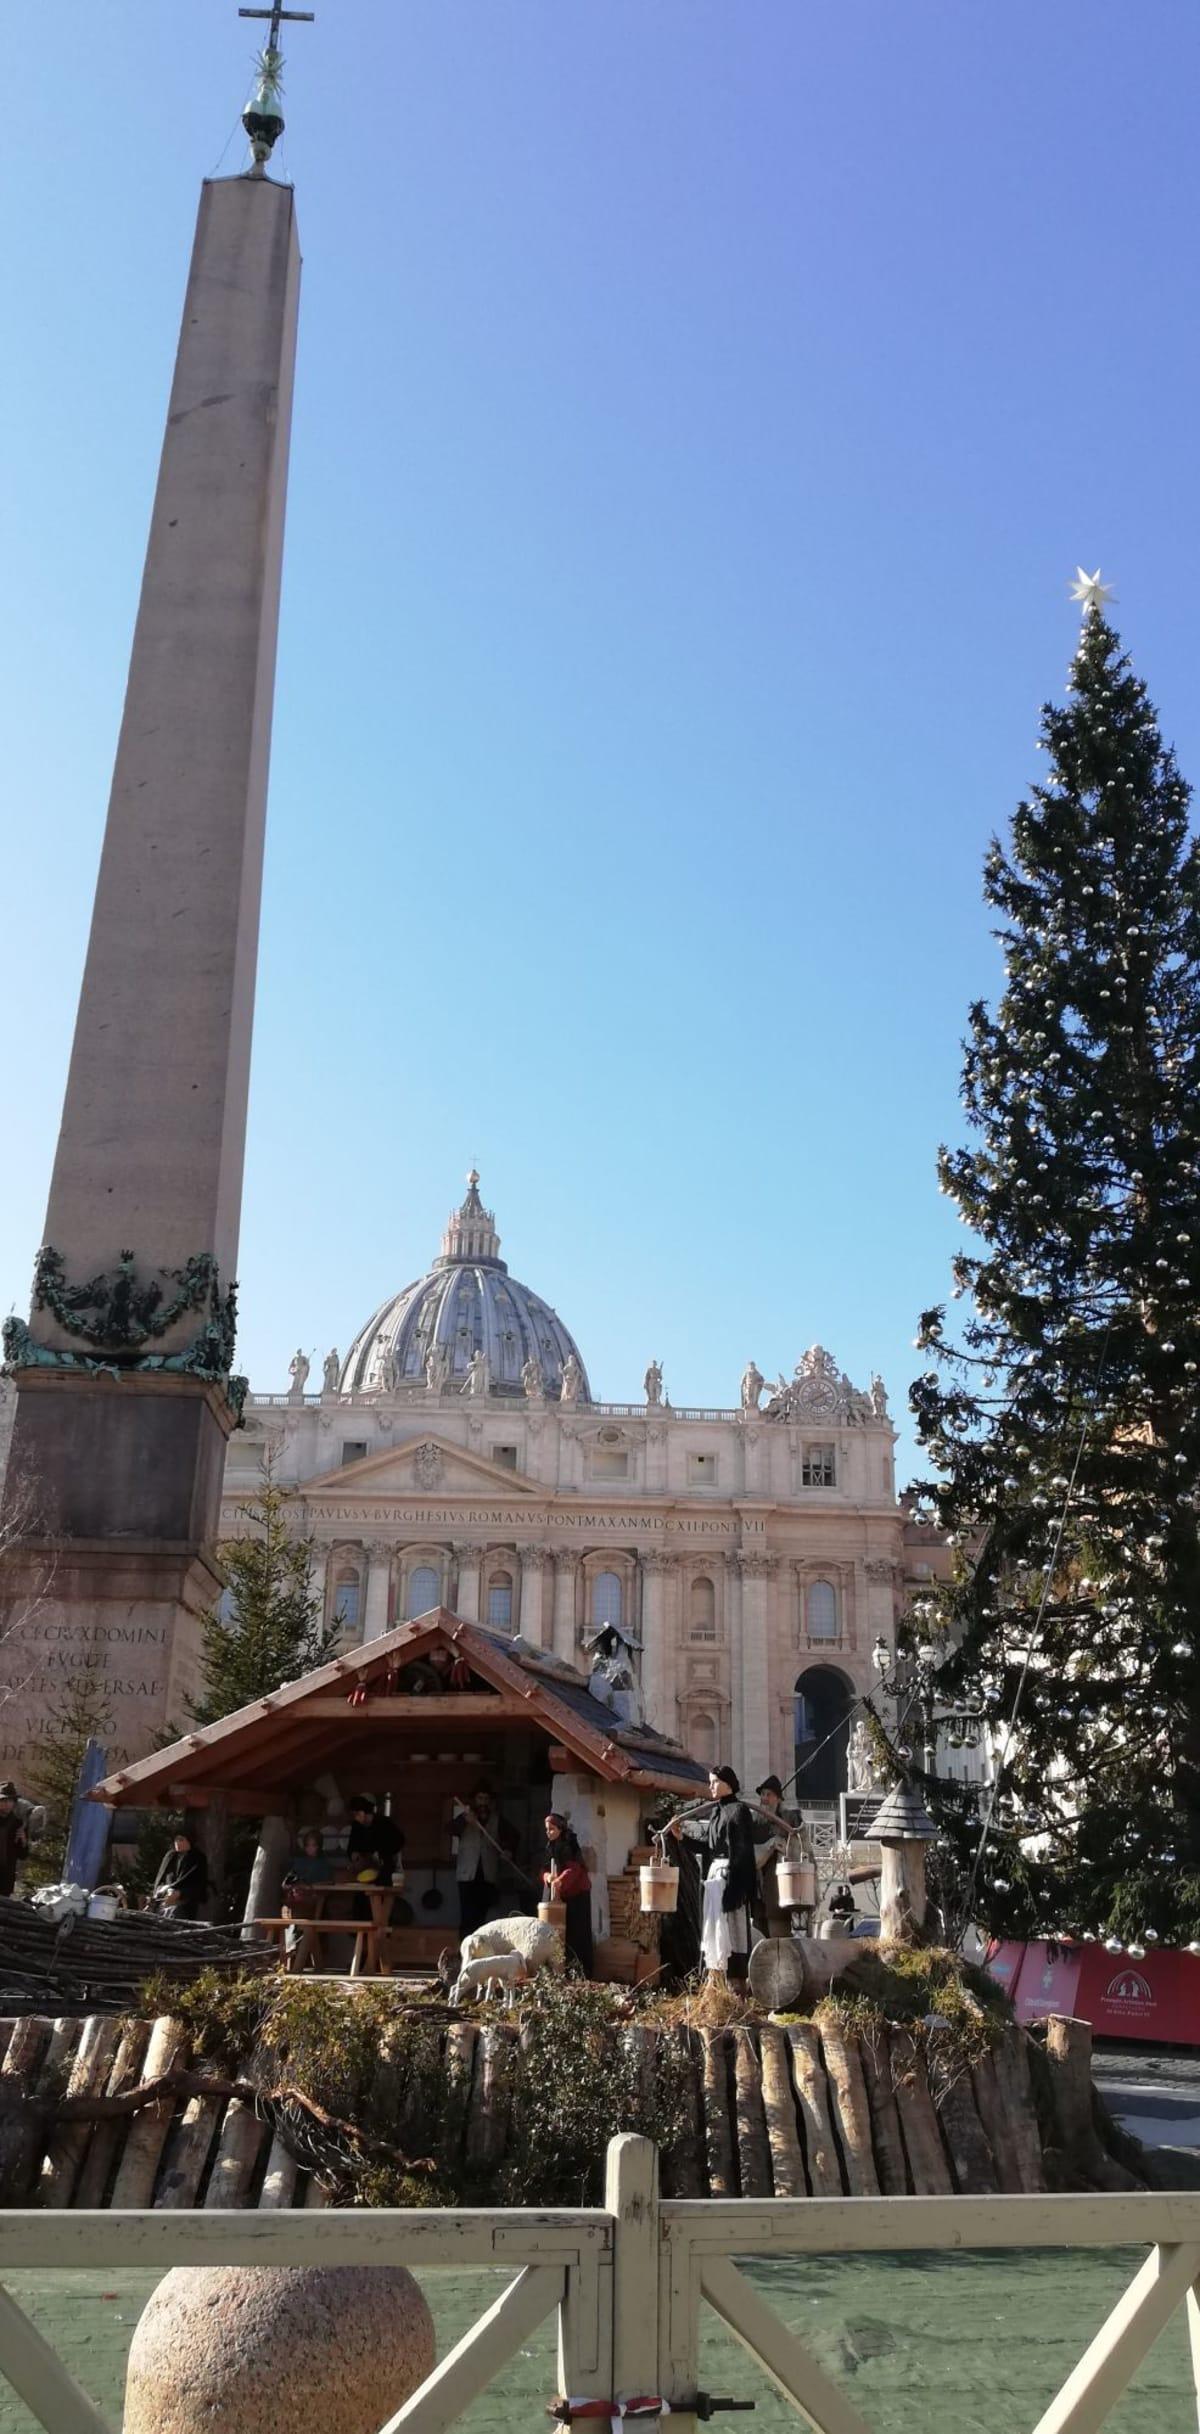 バチカン市国サンピエトロ寺院